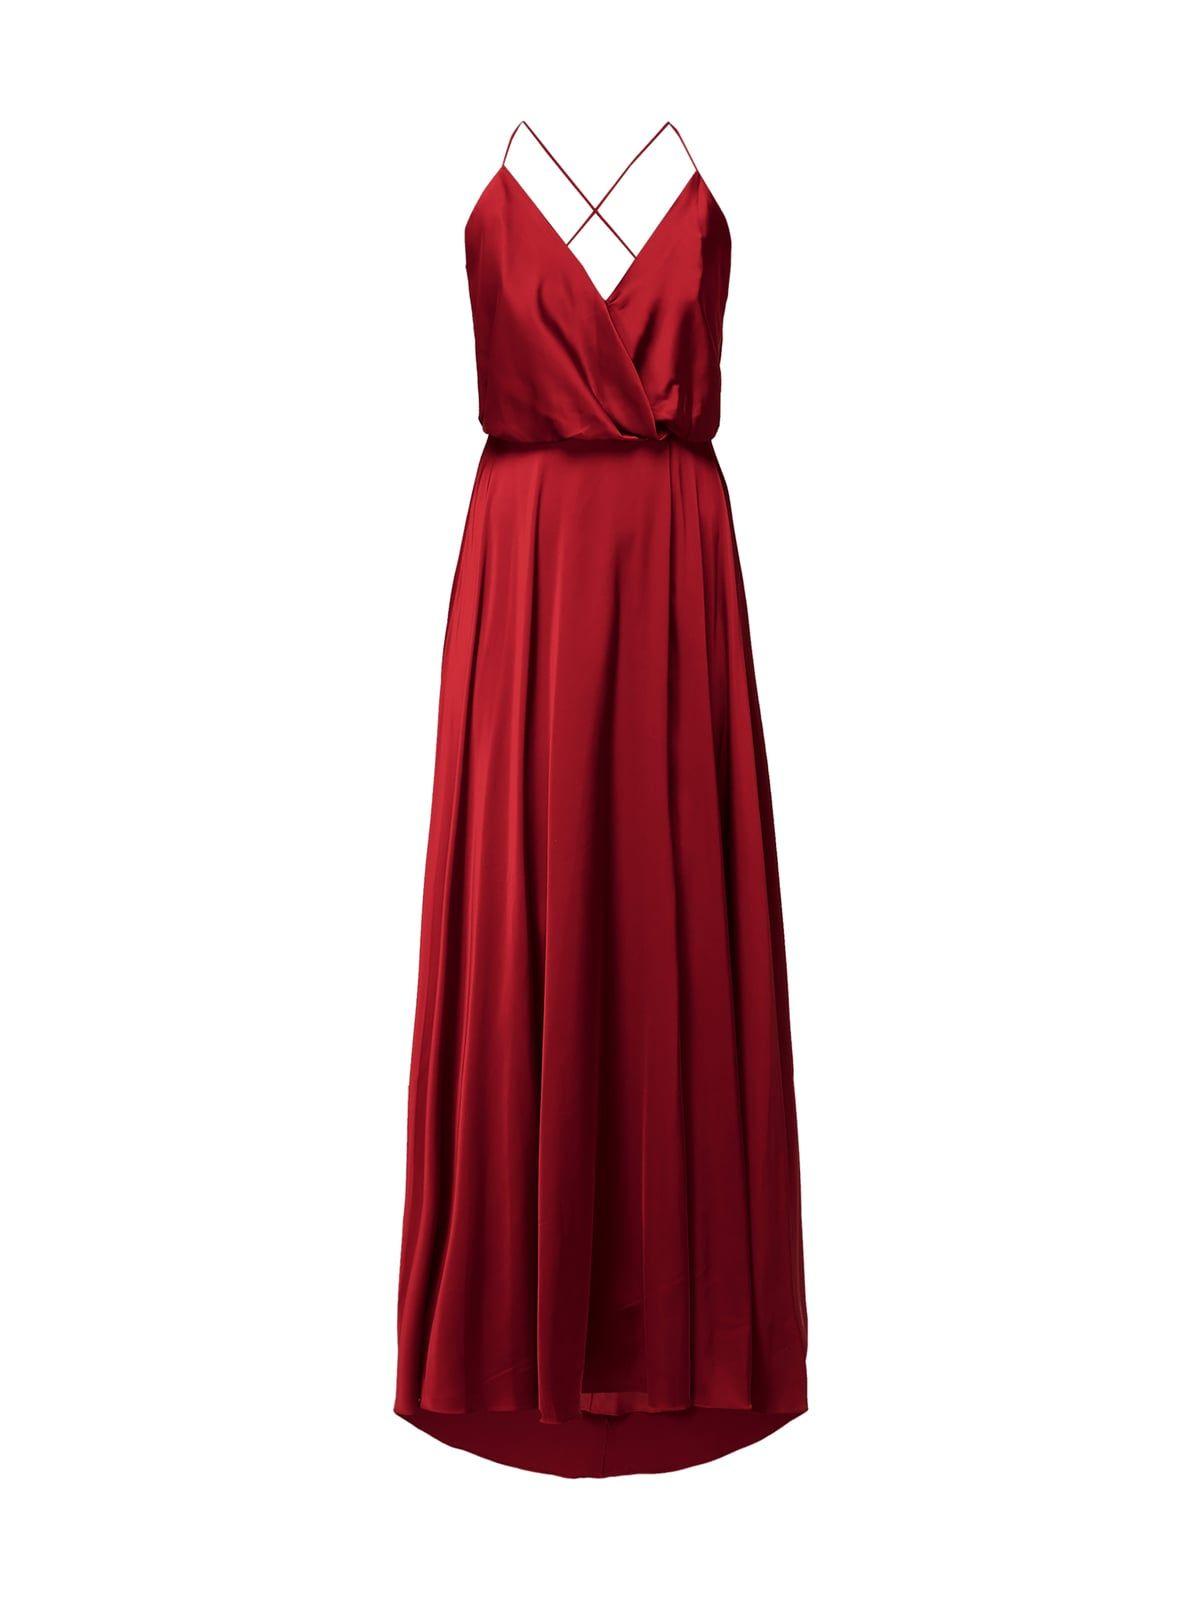 unique abendkleid aus satin in rot online kaufen (9943452